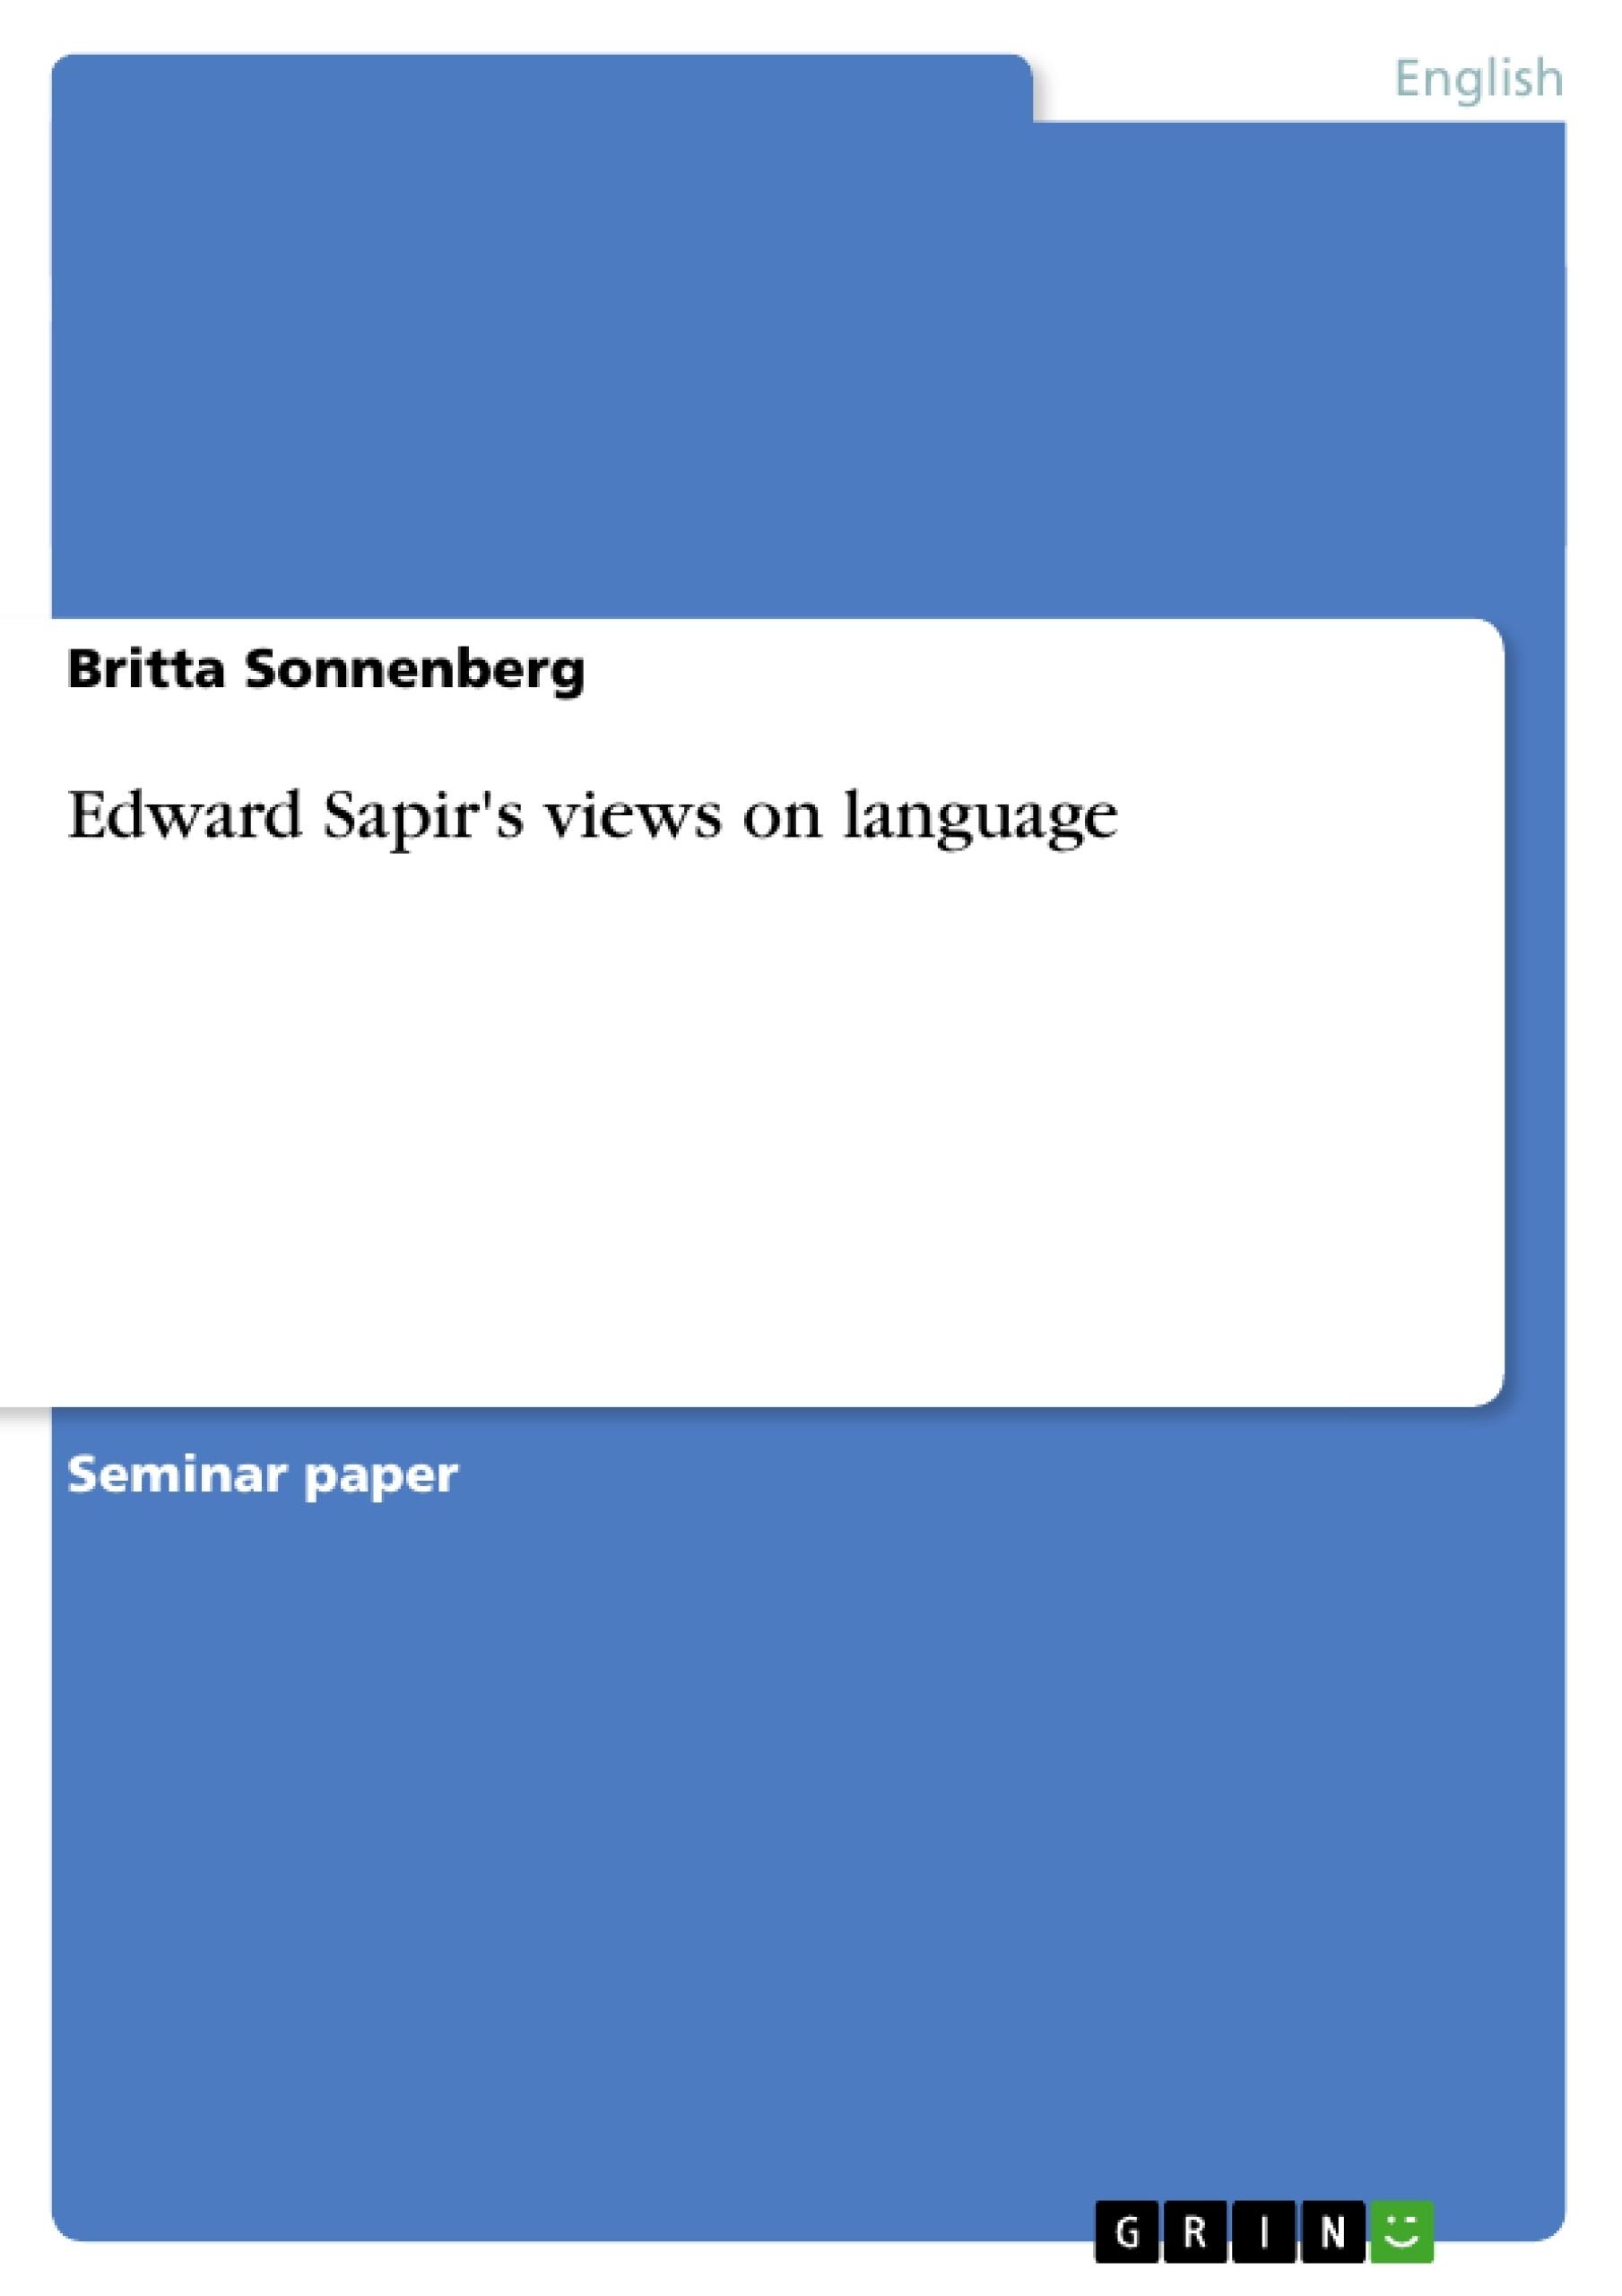 Title: Edward Sapir's views on language